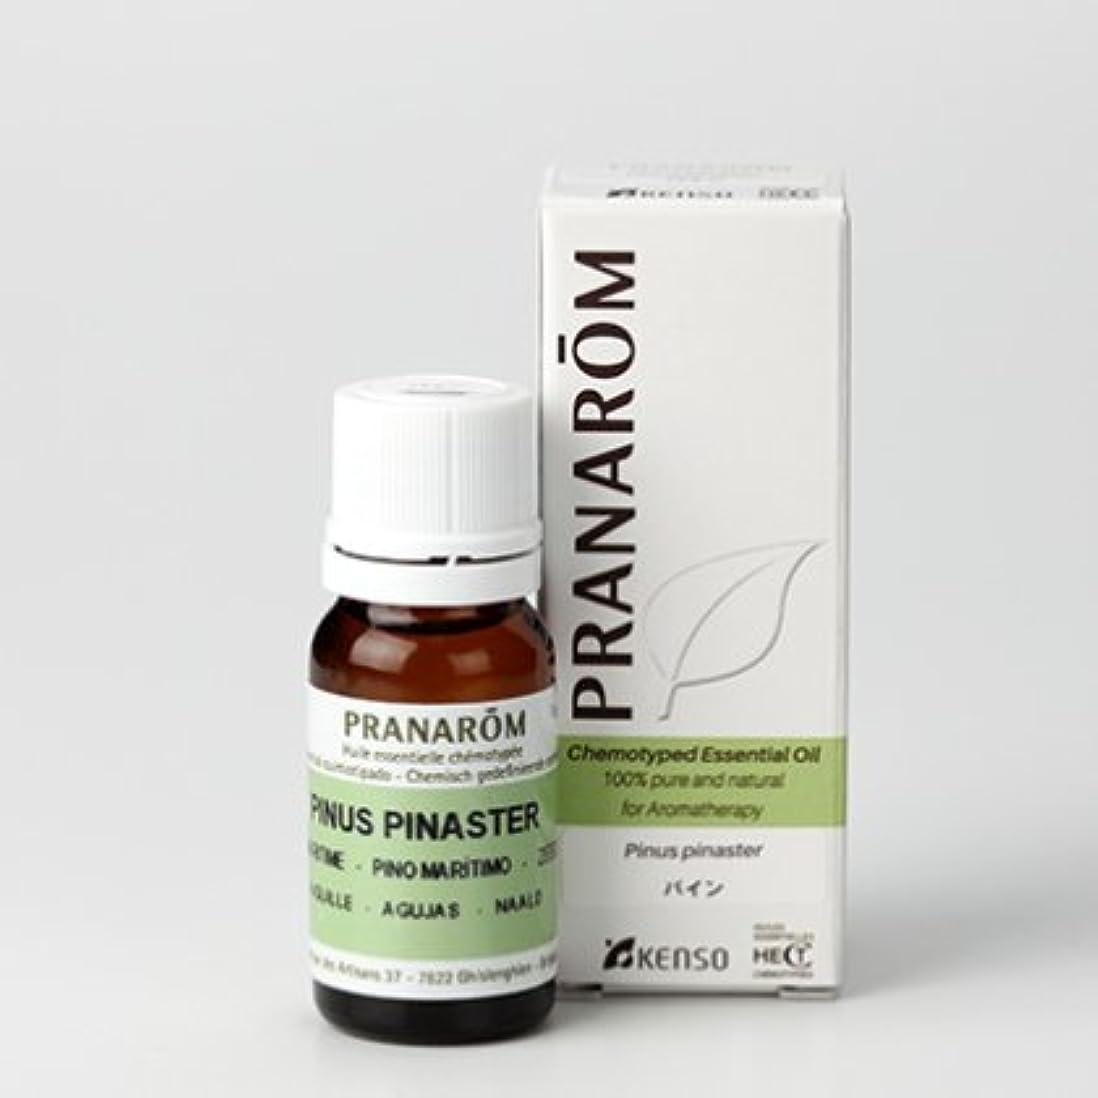 不健康熱意ジャンルパイン 10mlミドルノート プラナロム社エッセンシャルオイル(精油)